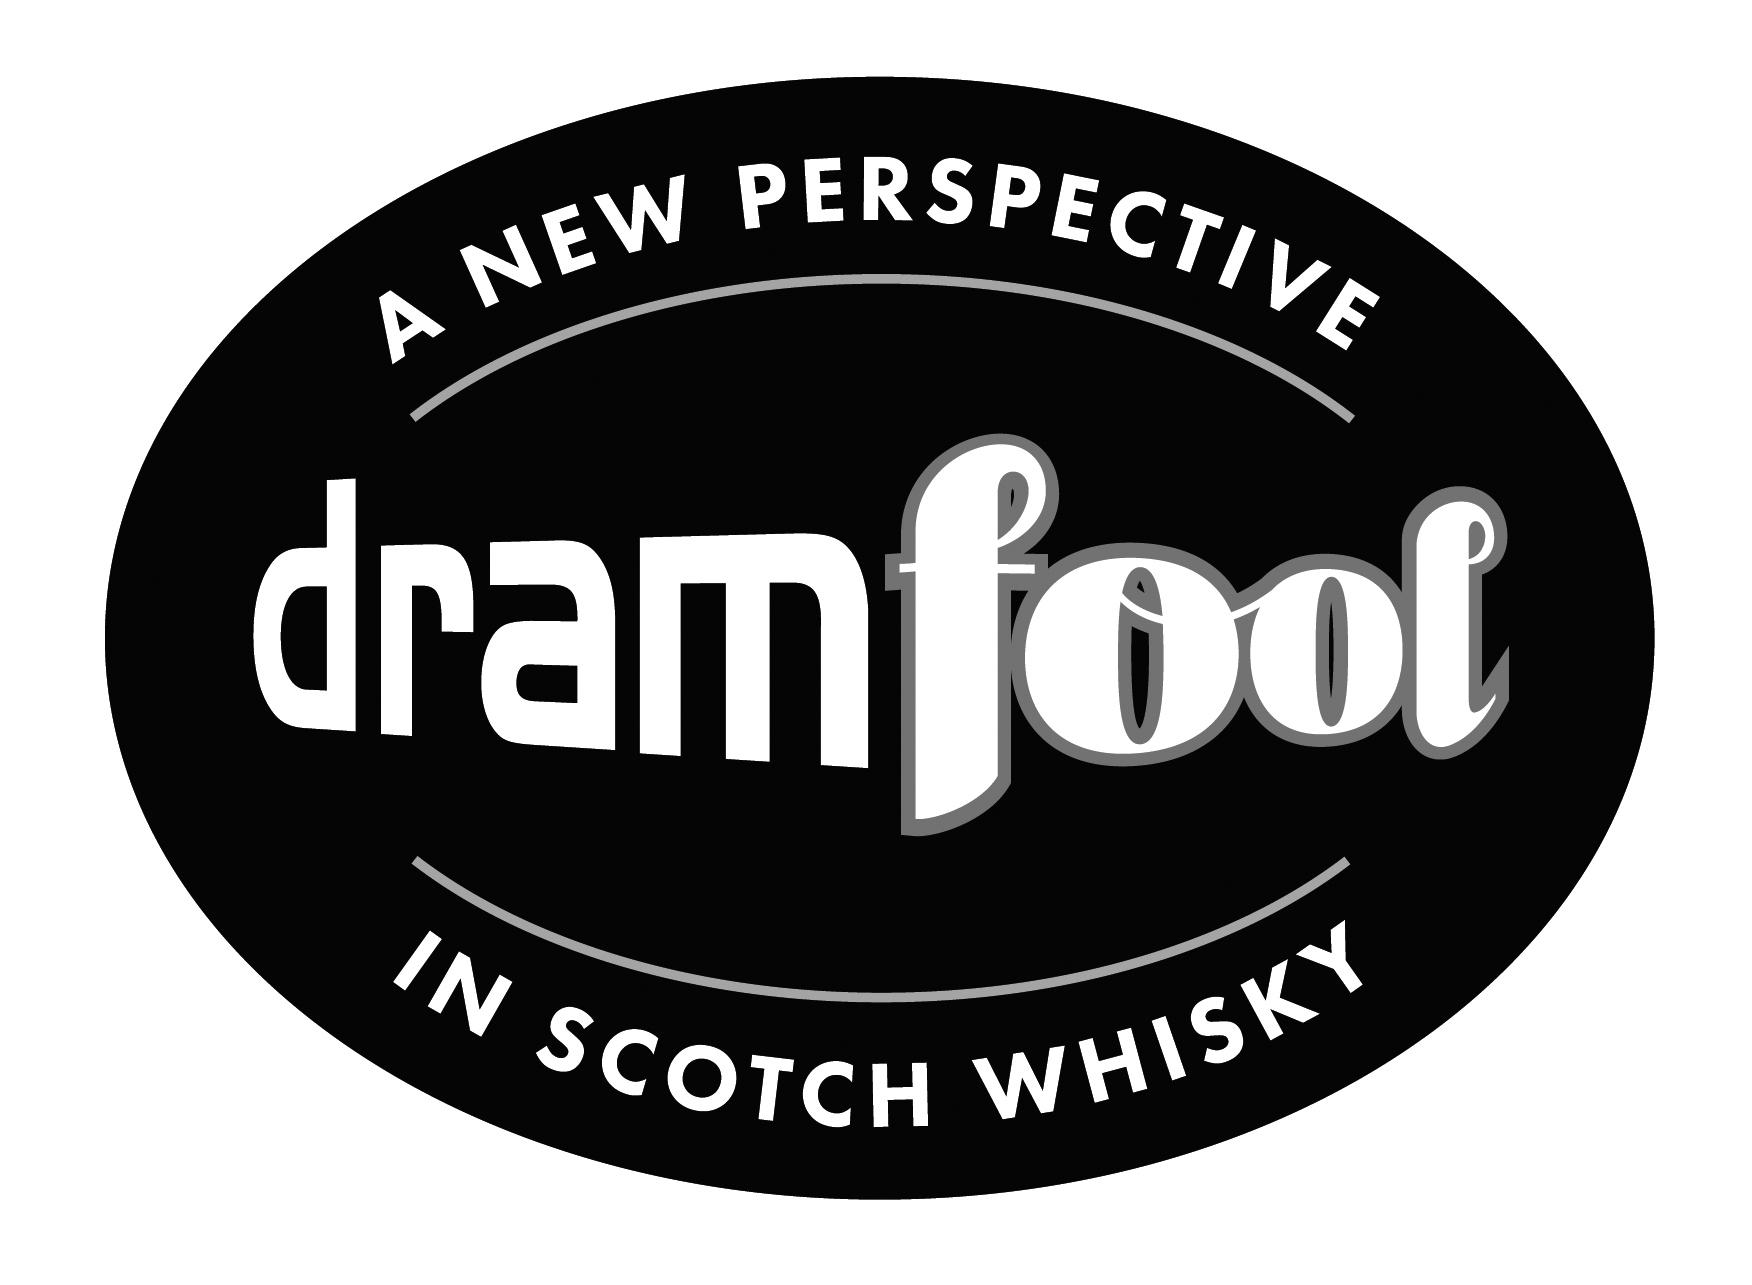 Dramfool_large_circular_logo.jpg